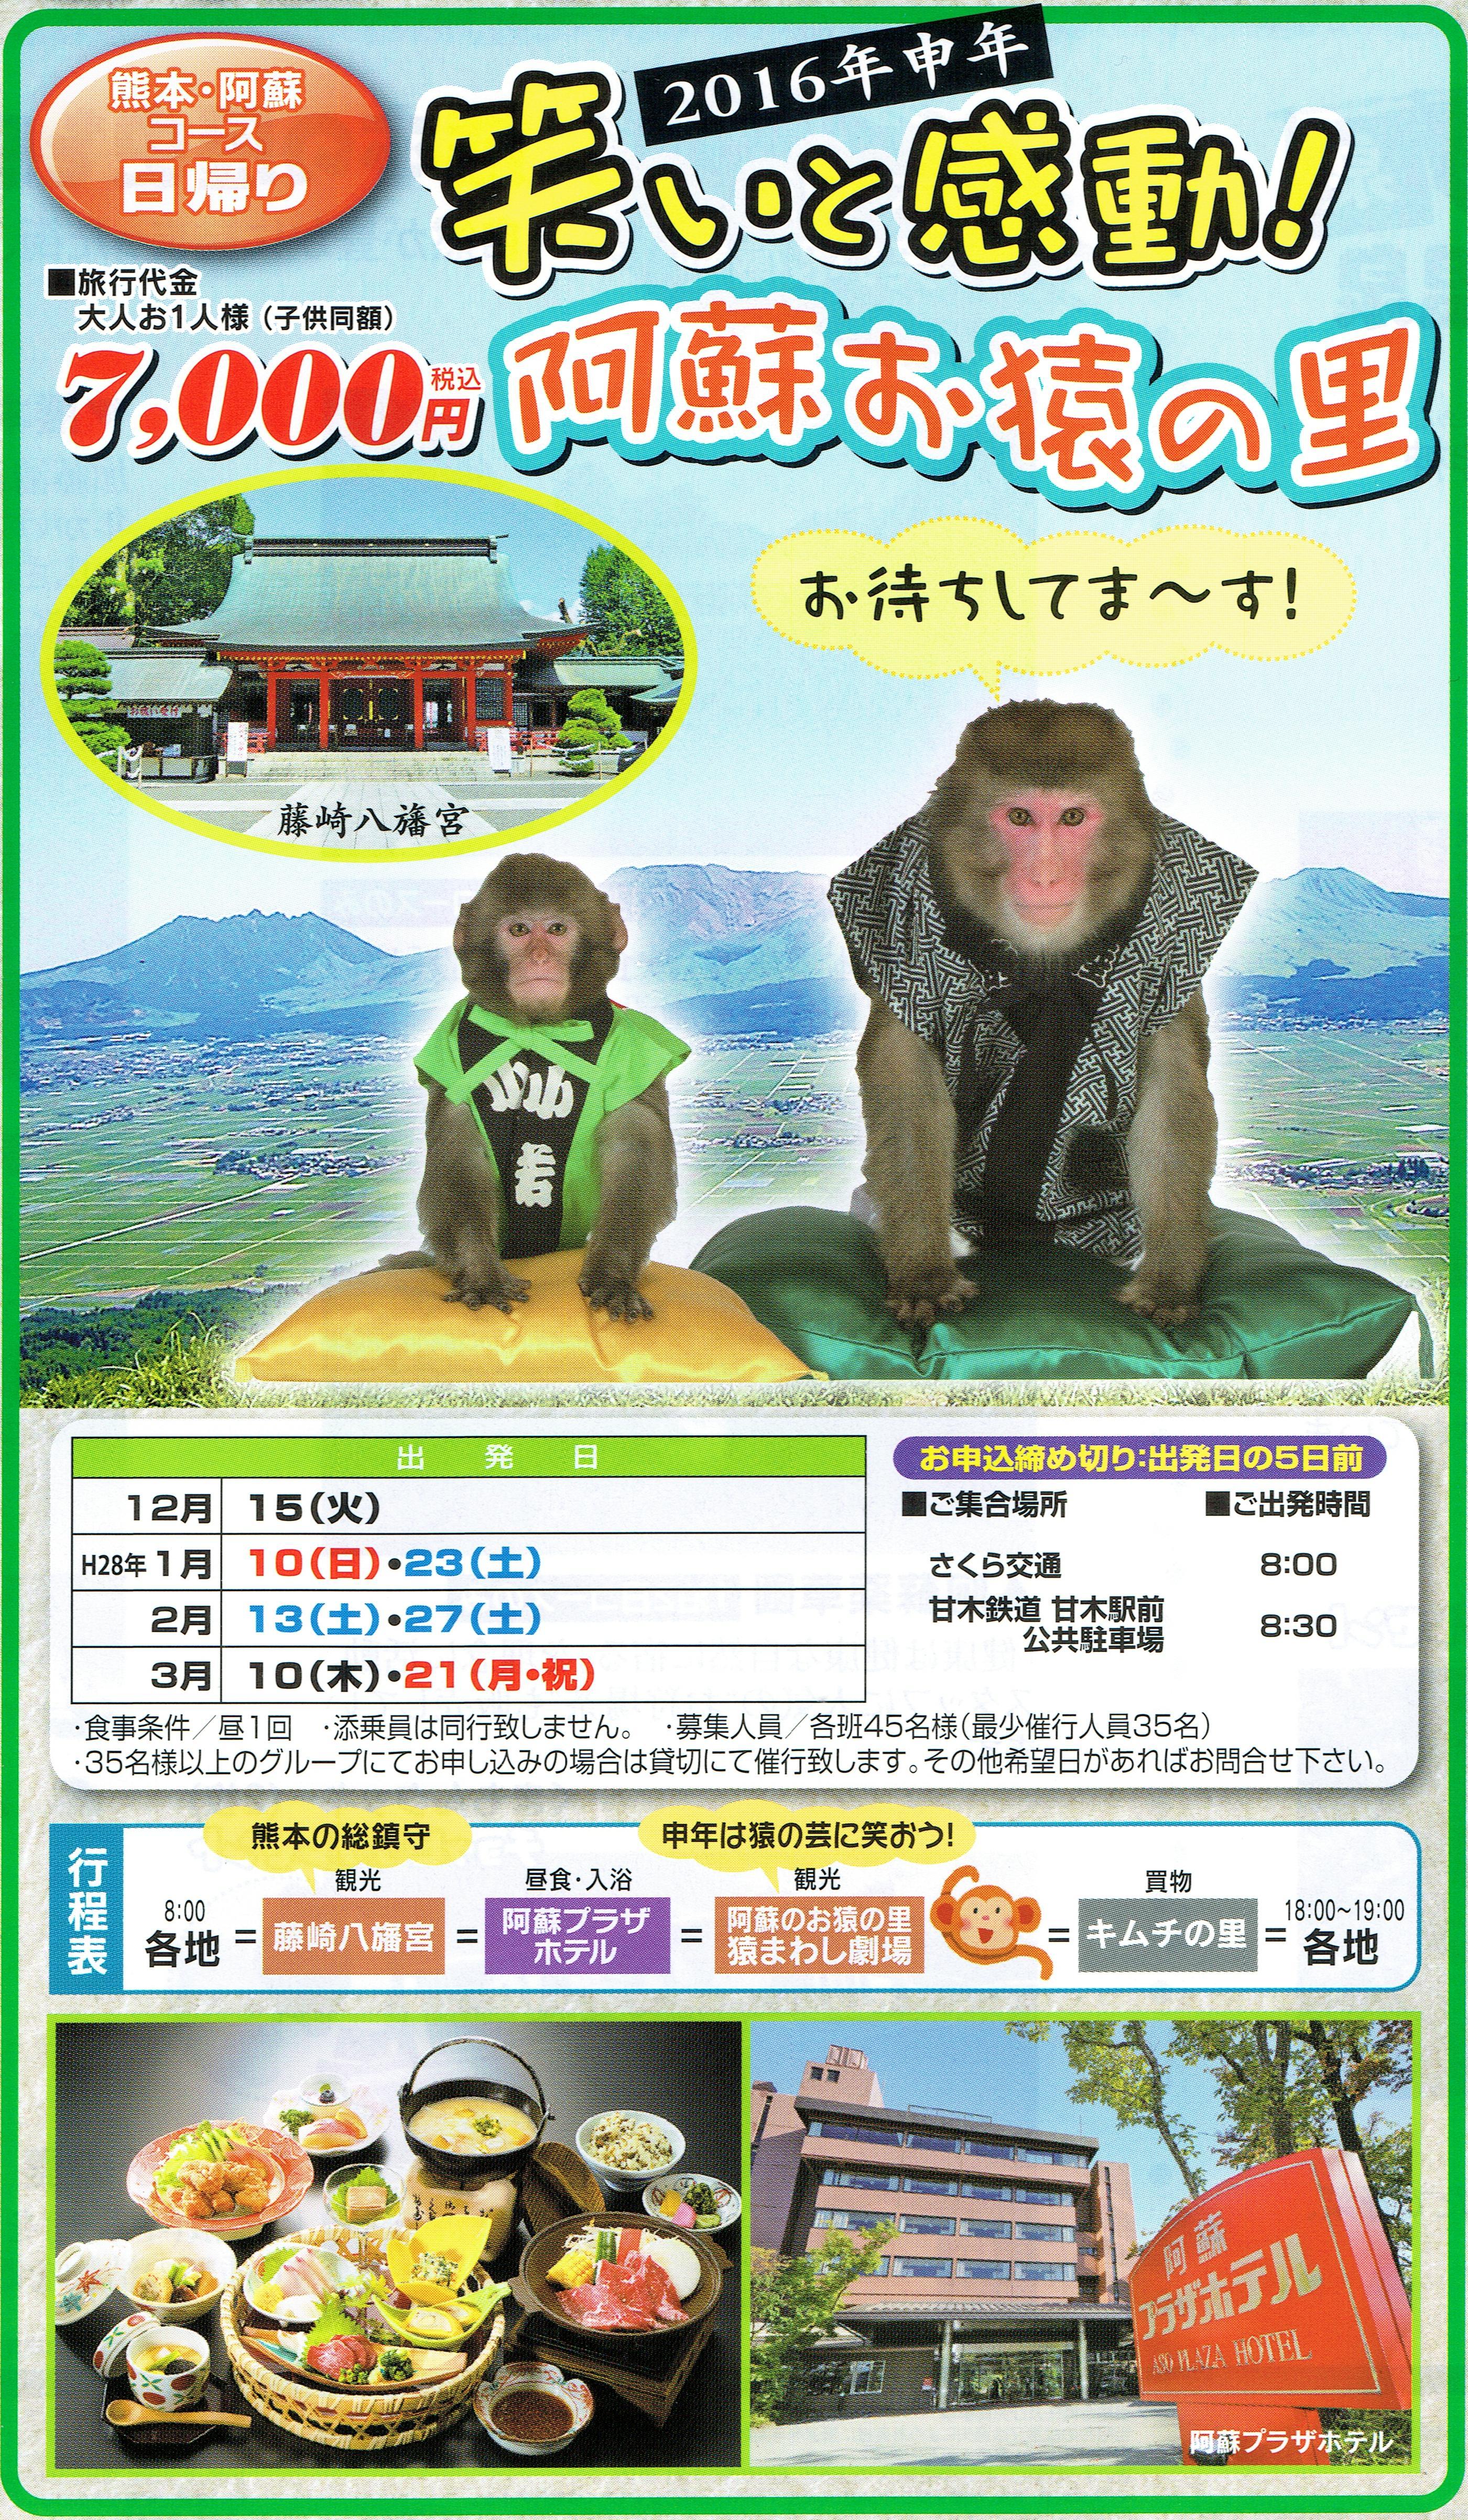 阿蘇お猿の里